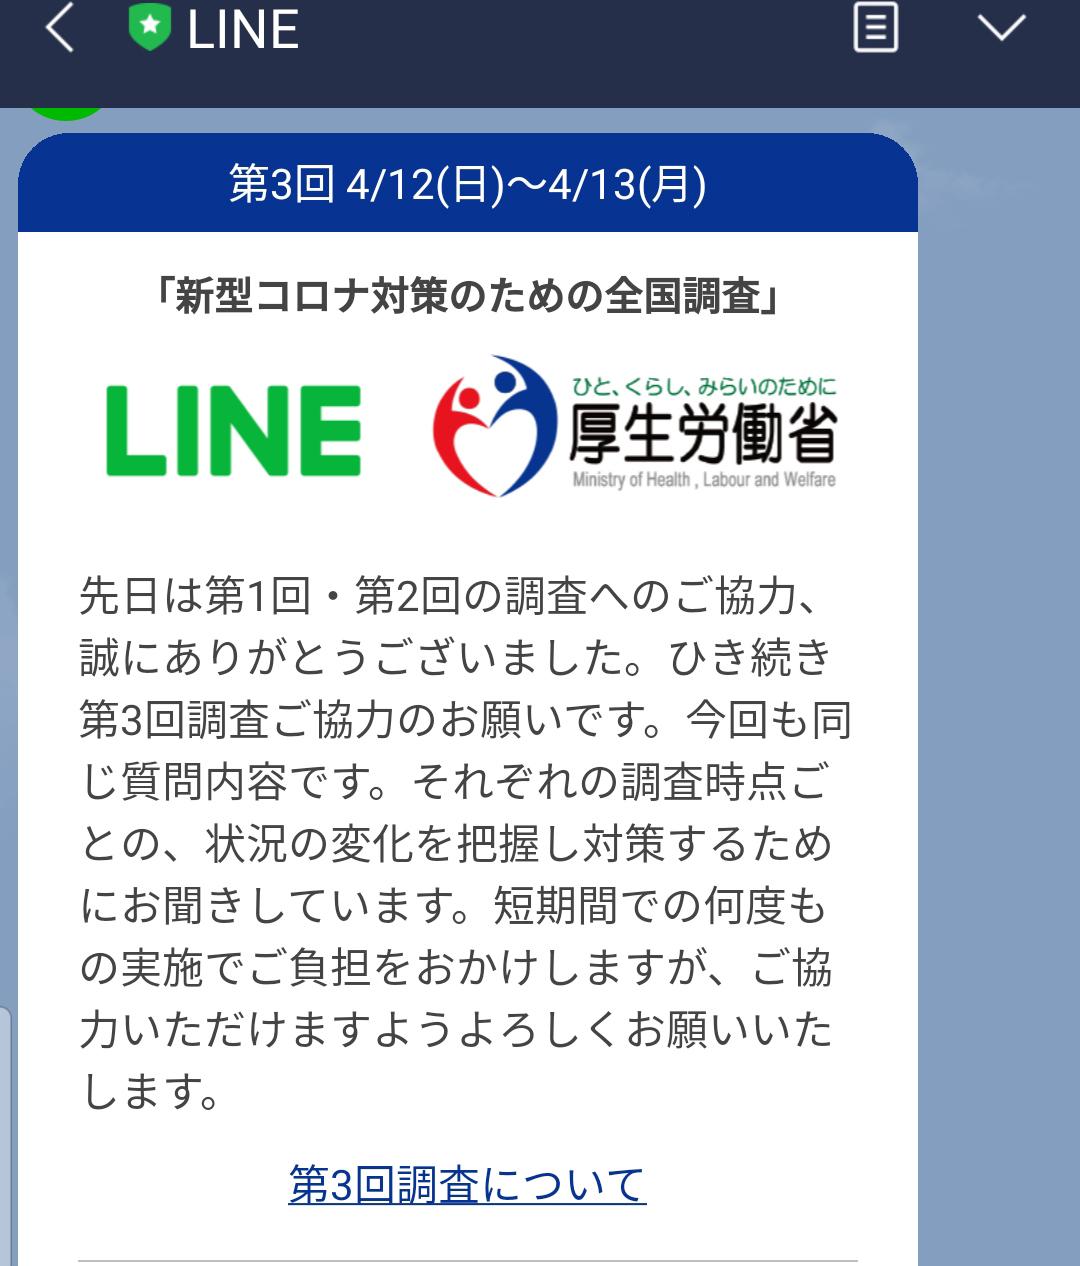 01_156251LINEANKE.jpg